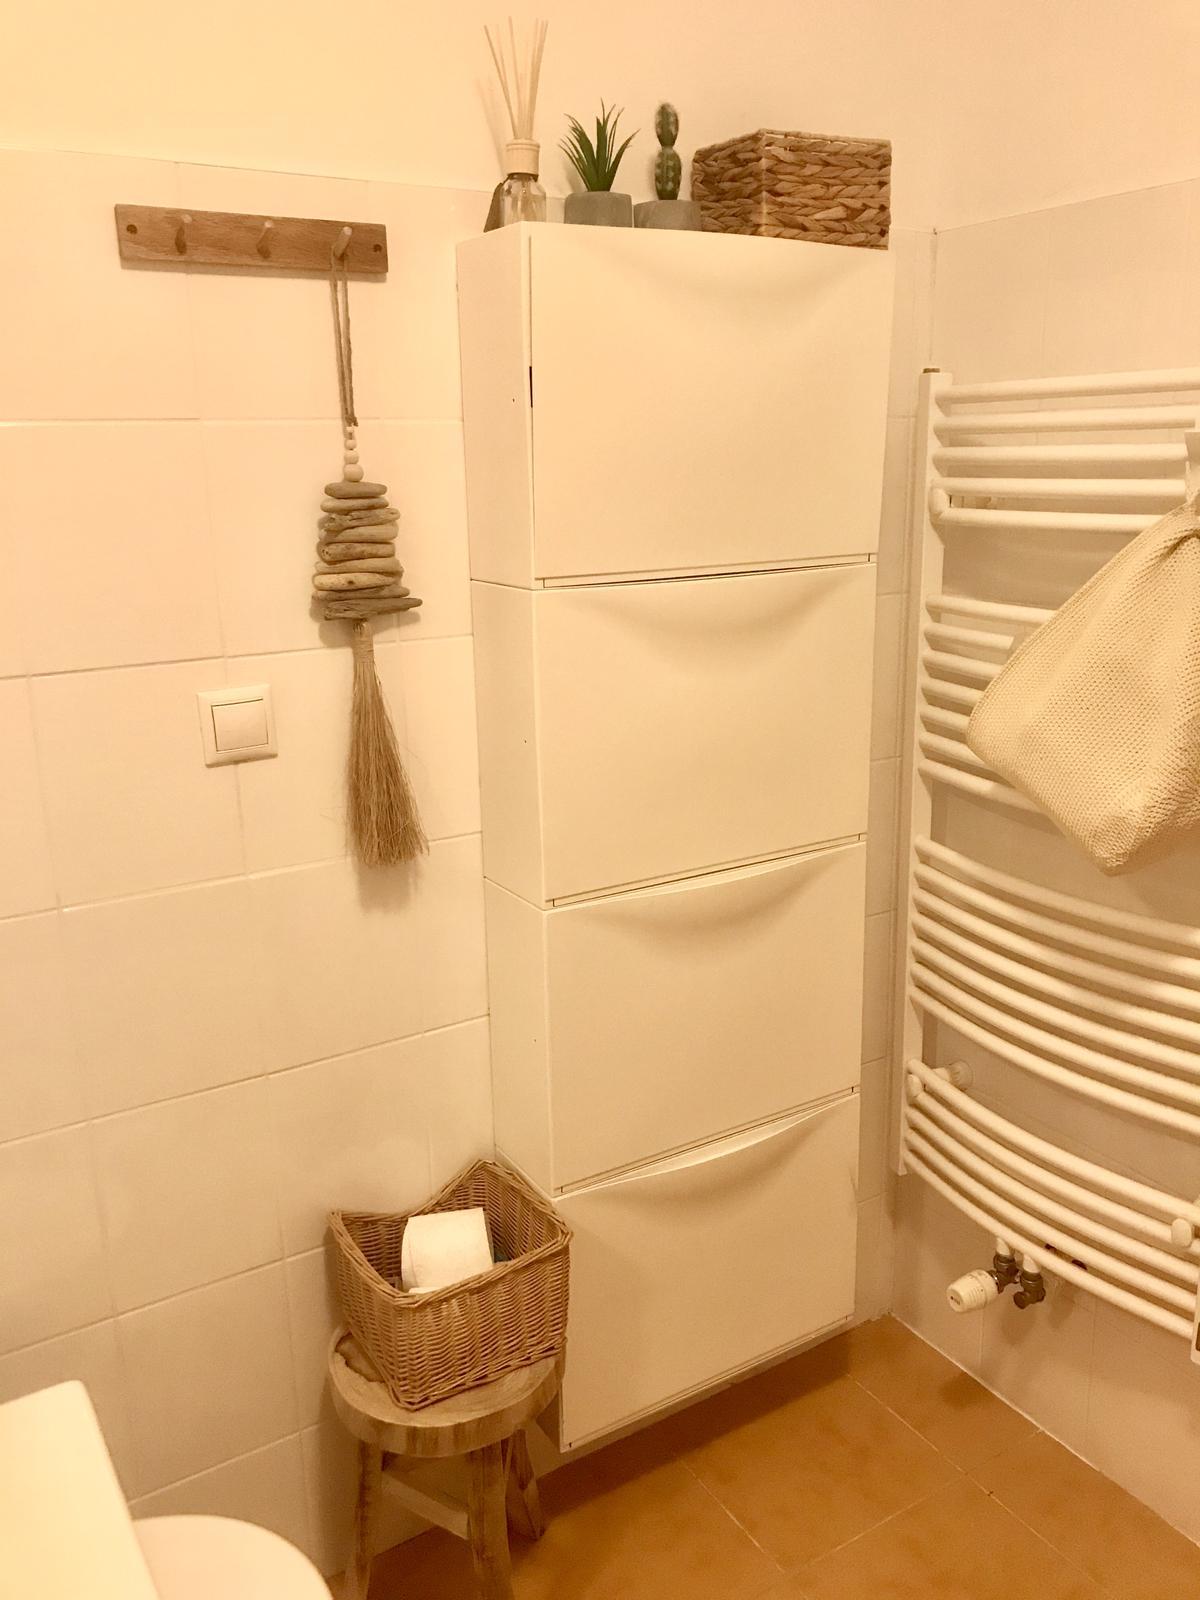 Z příšerné koupelny tvořím trochu lepší 💪 - Obrázek č. 32